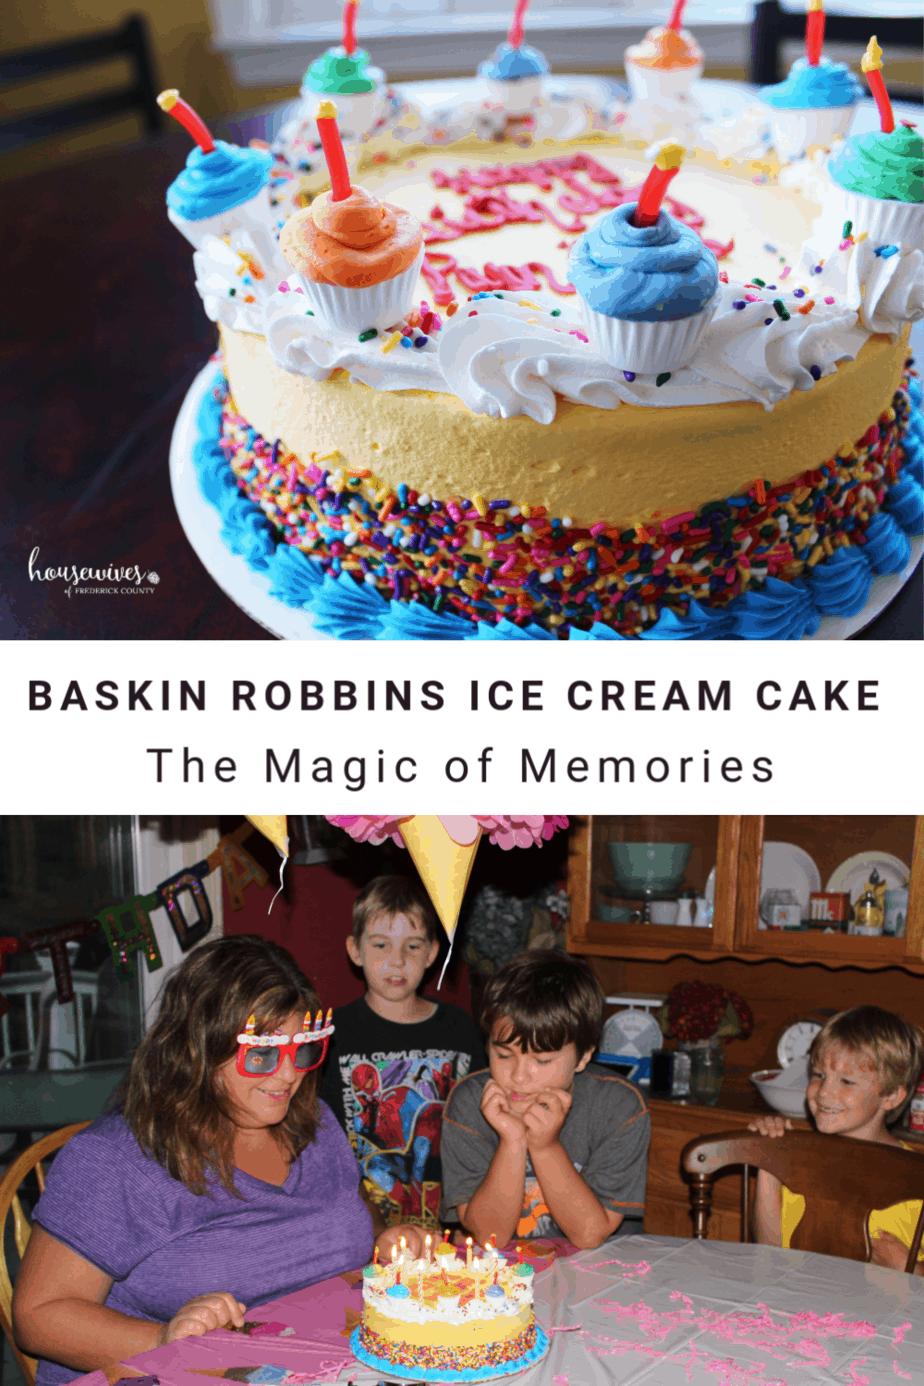 Baskin Robbins Ice Cream Cake: The Magic of Memories